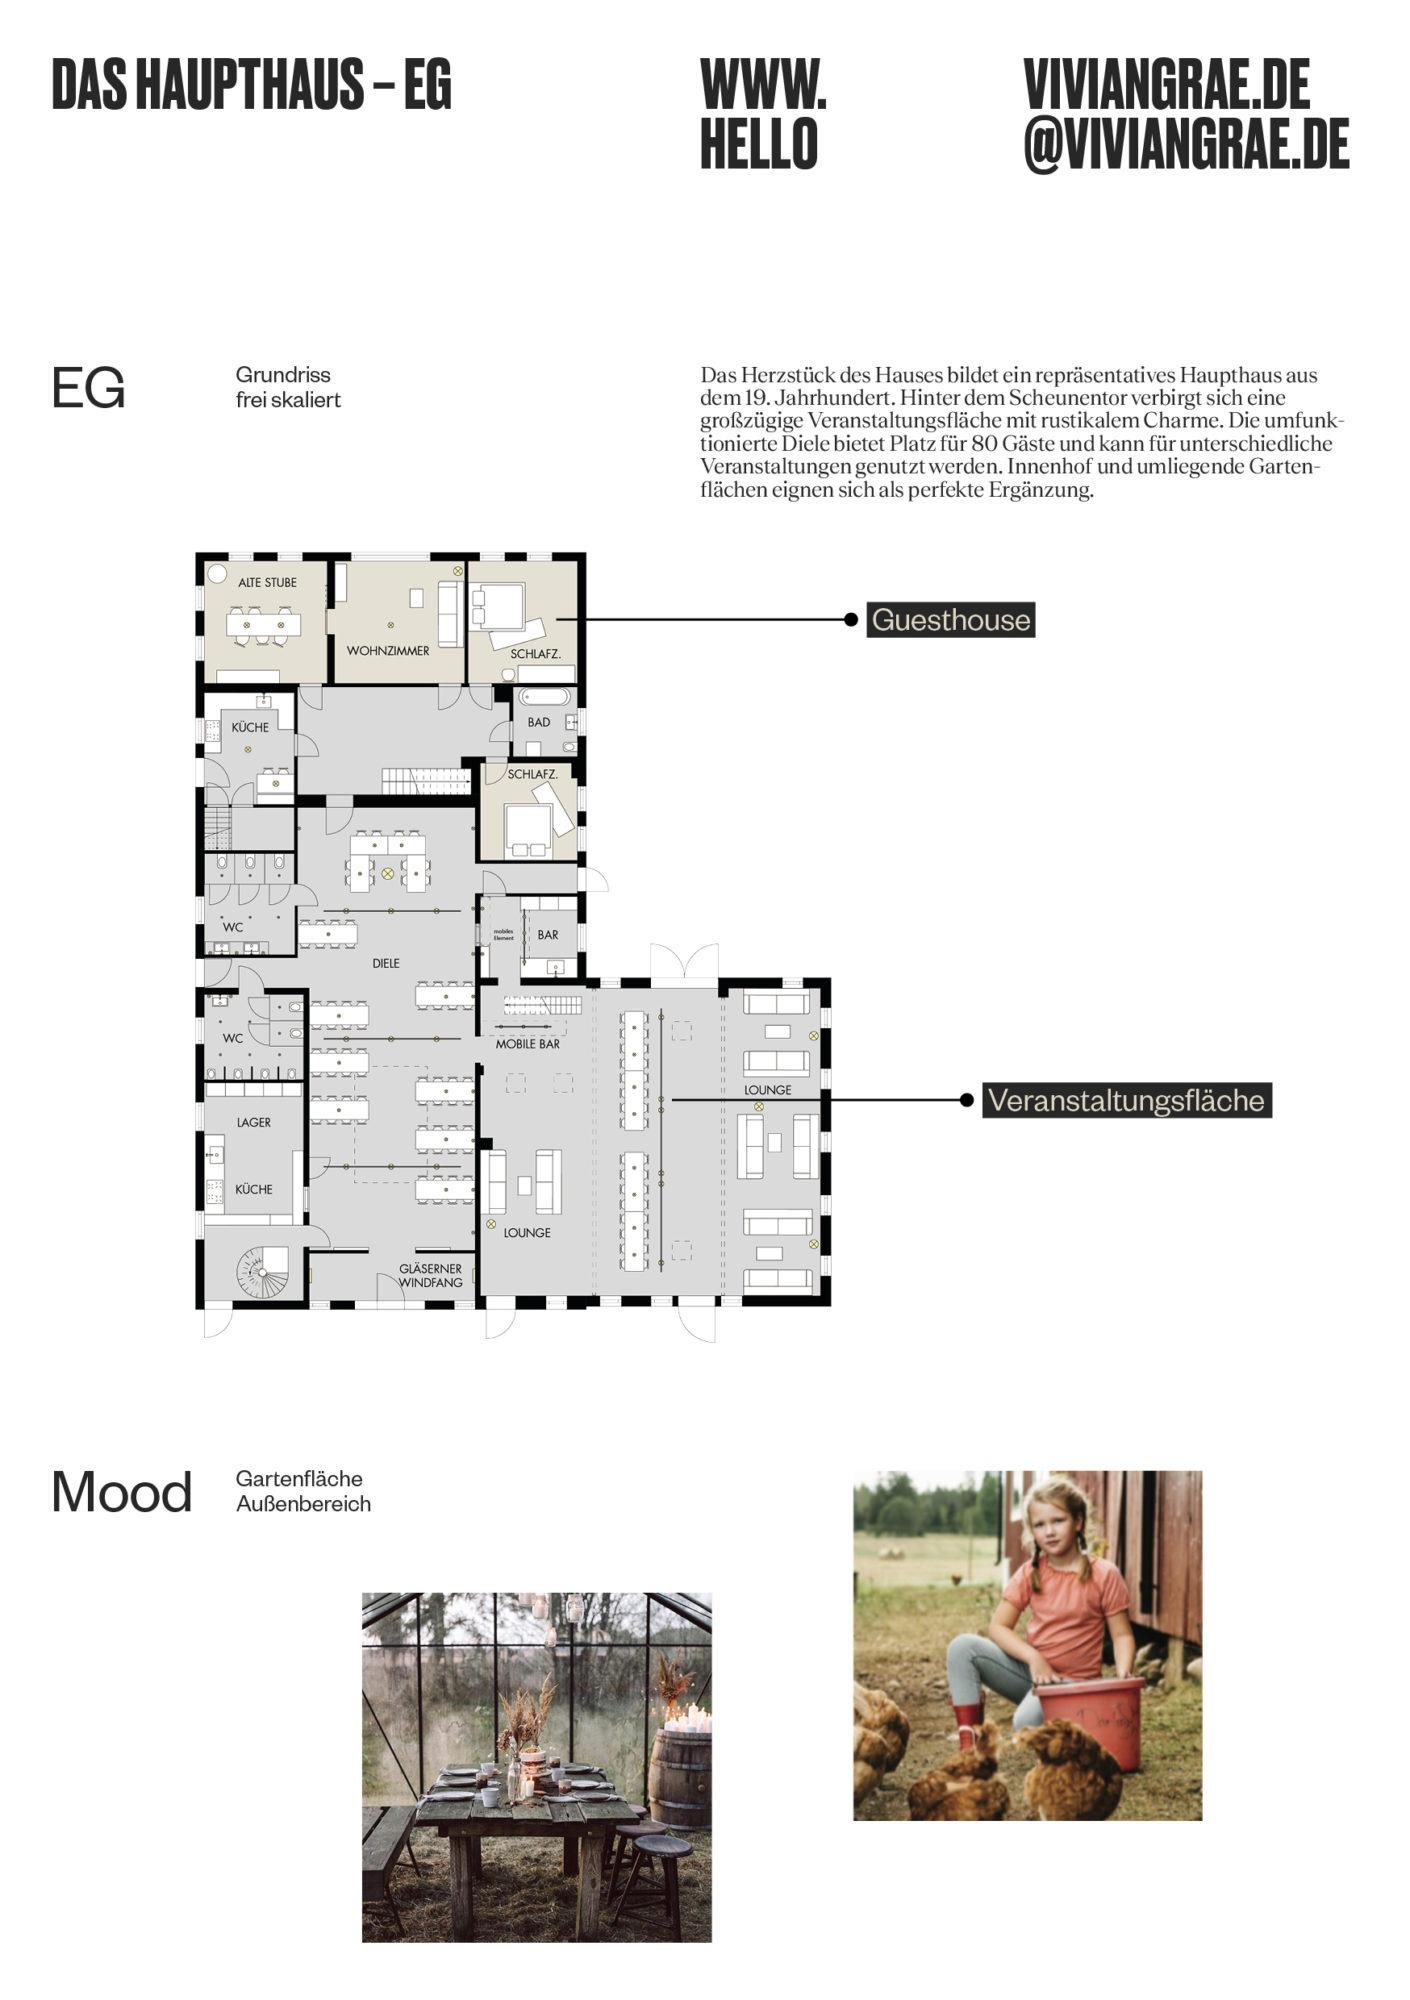 stadtfarm_poster_a5_2 Vivian Grae